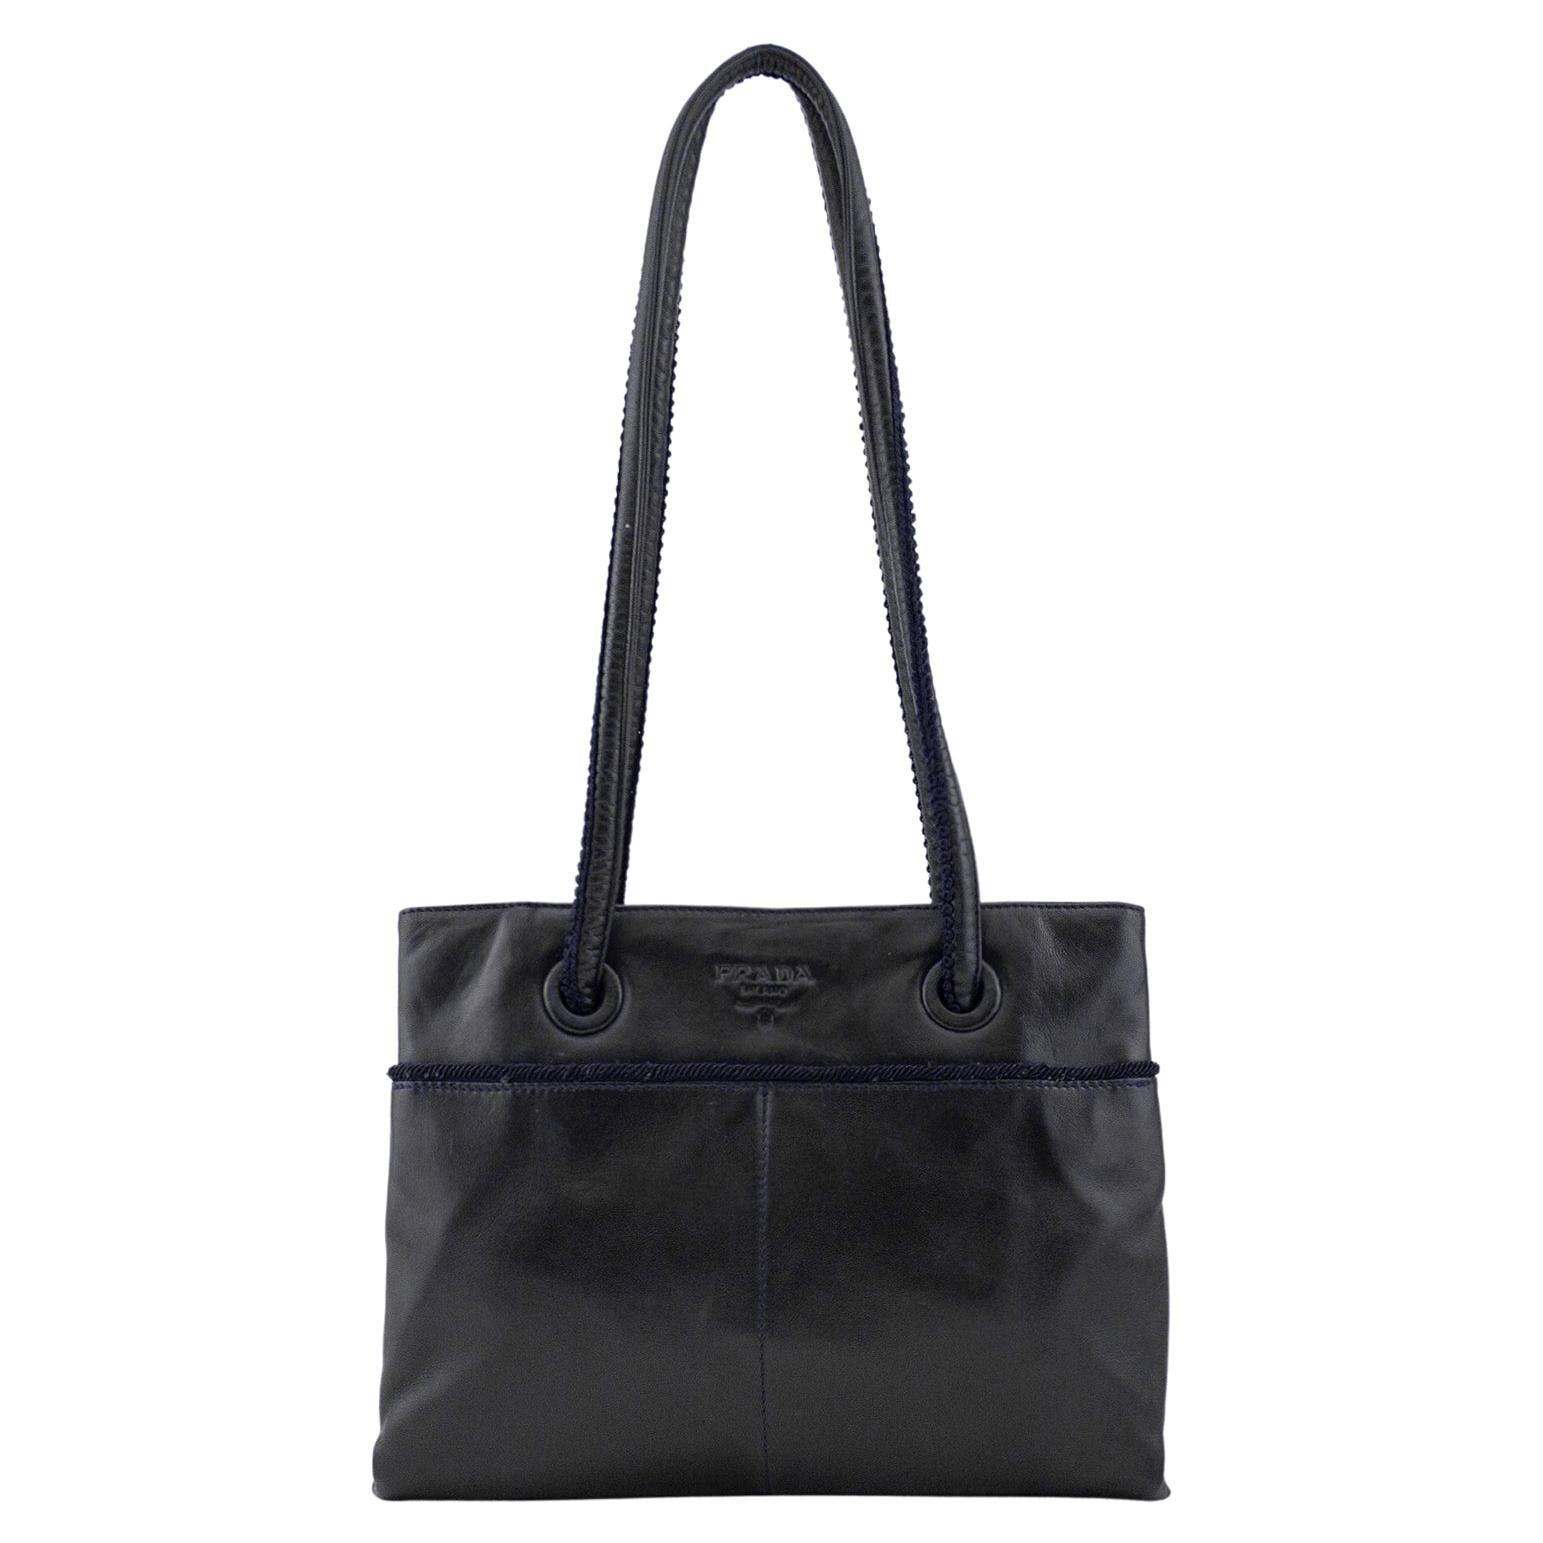 1990s Prada Black Leather Shoulder Bag